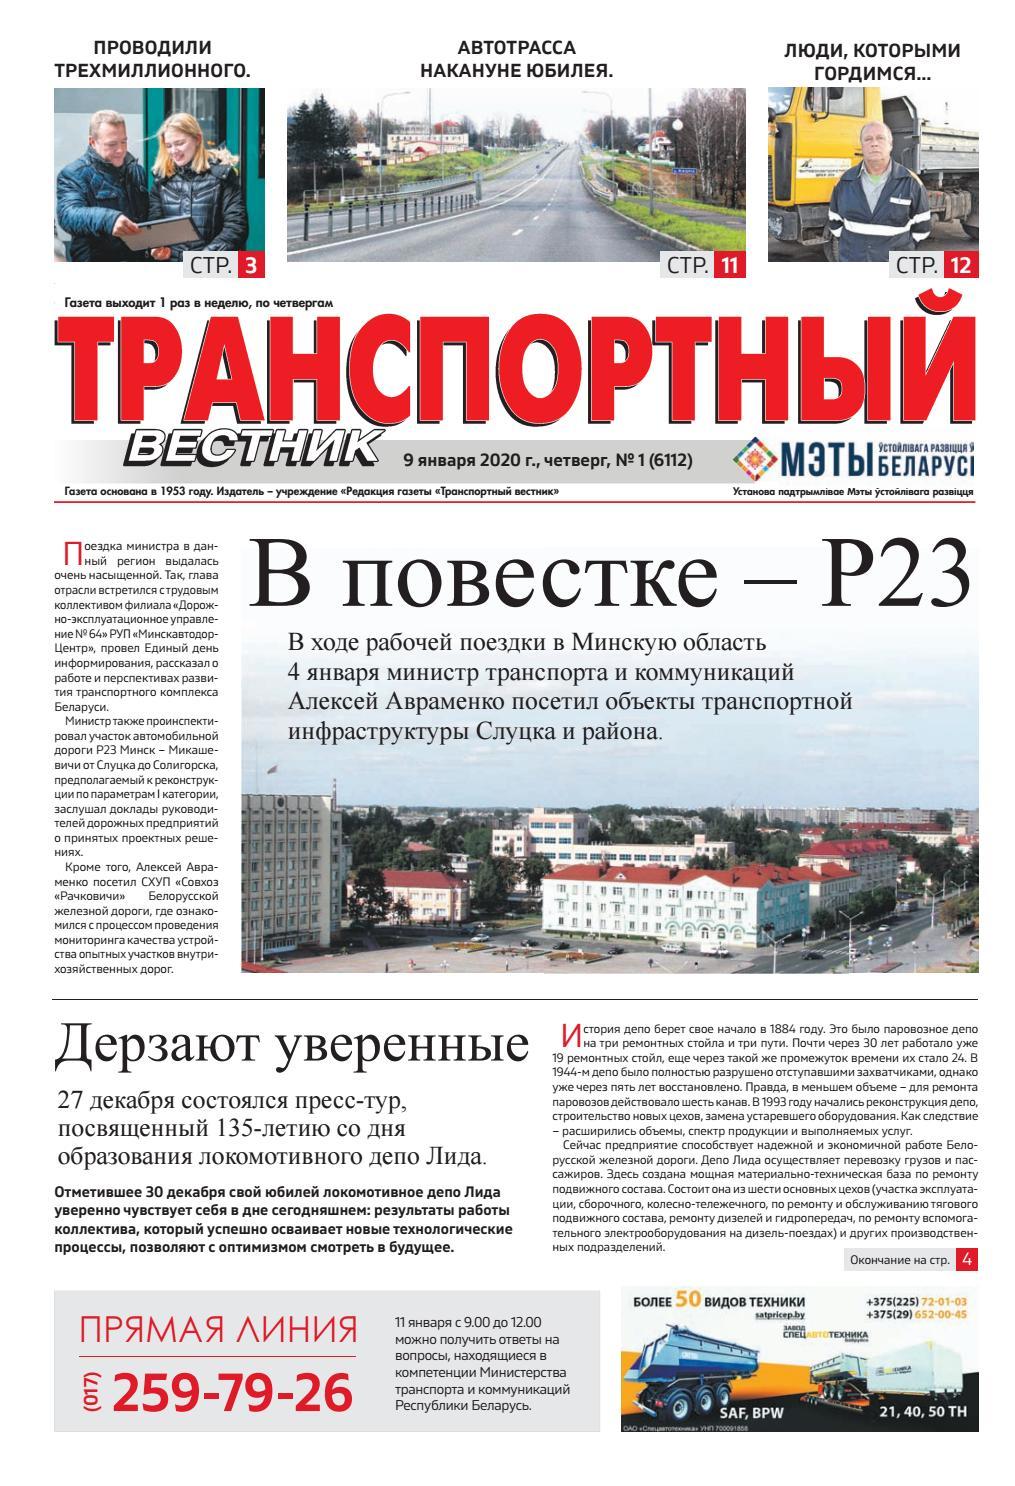 4 фото 1 слово ответы 8 букв - Stevsky.ru - обзоры смартфонов ...   1486x1015